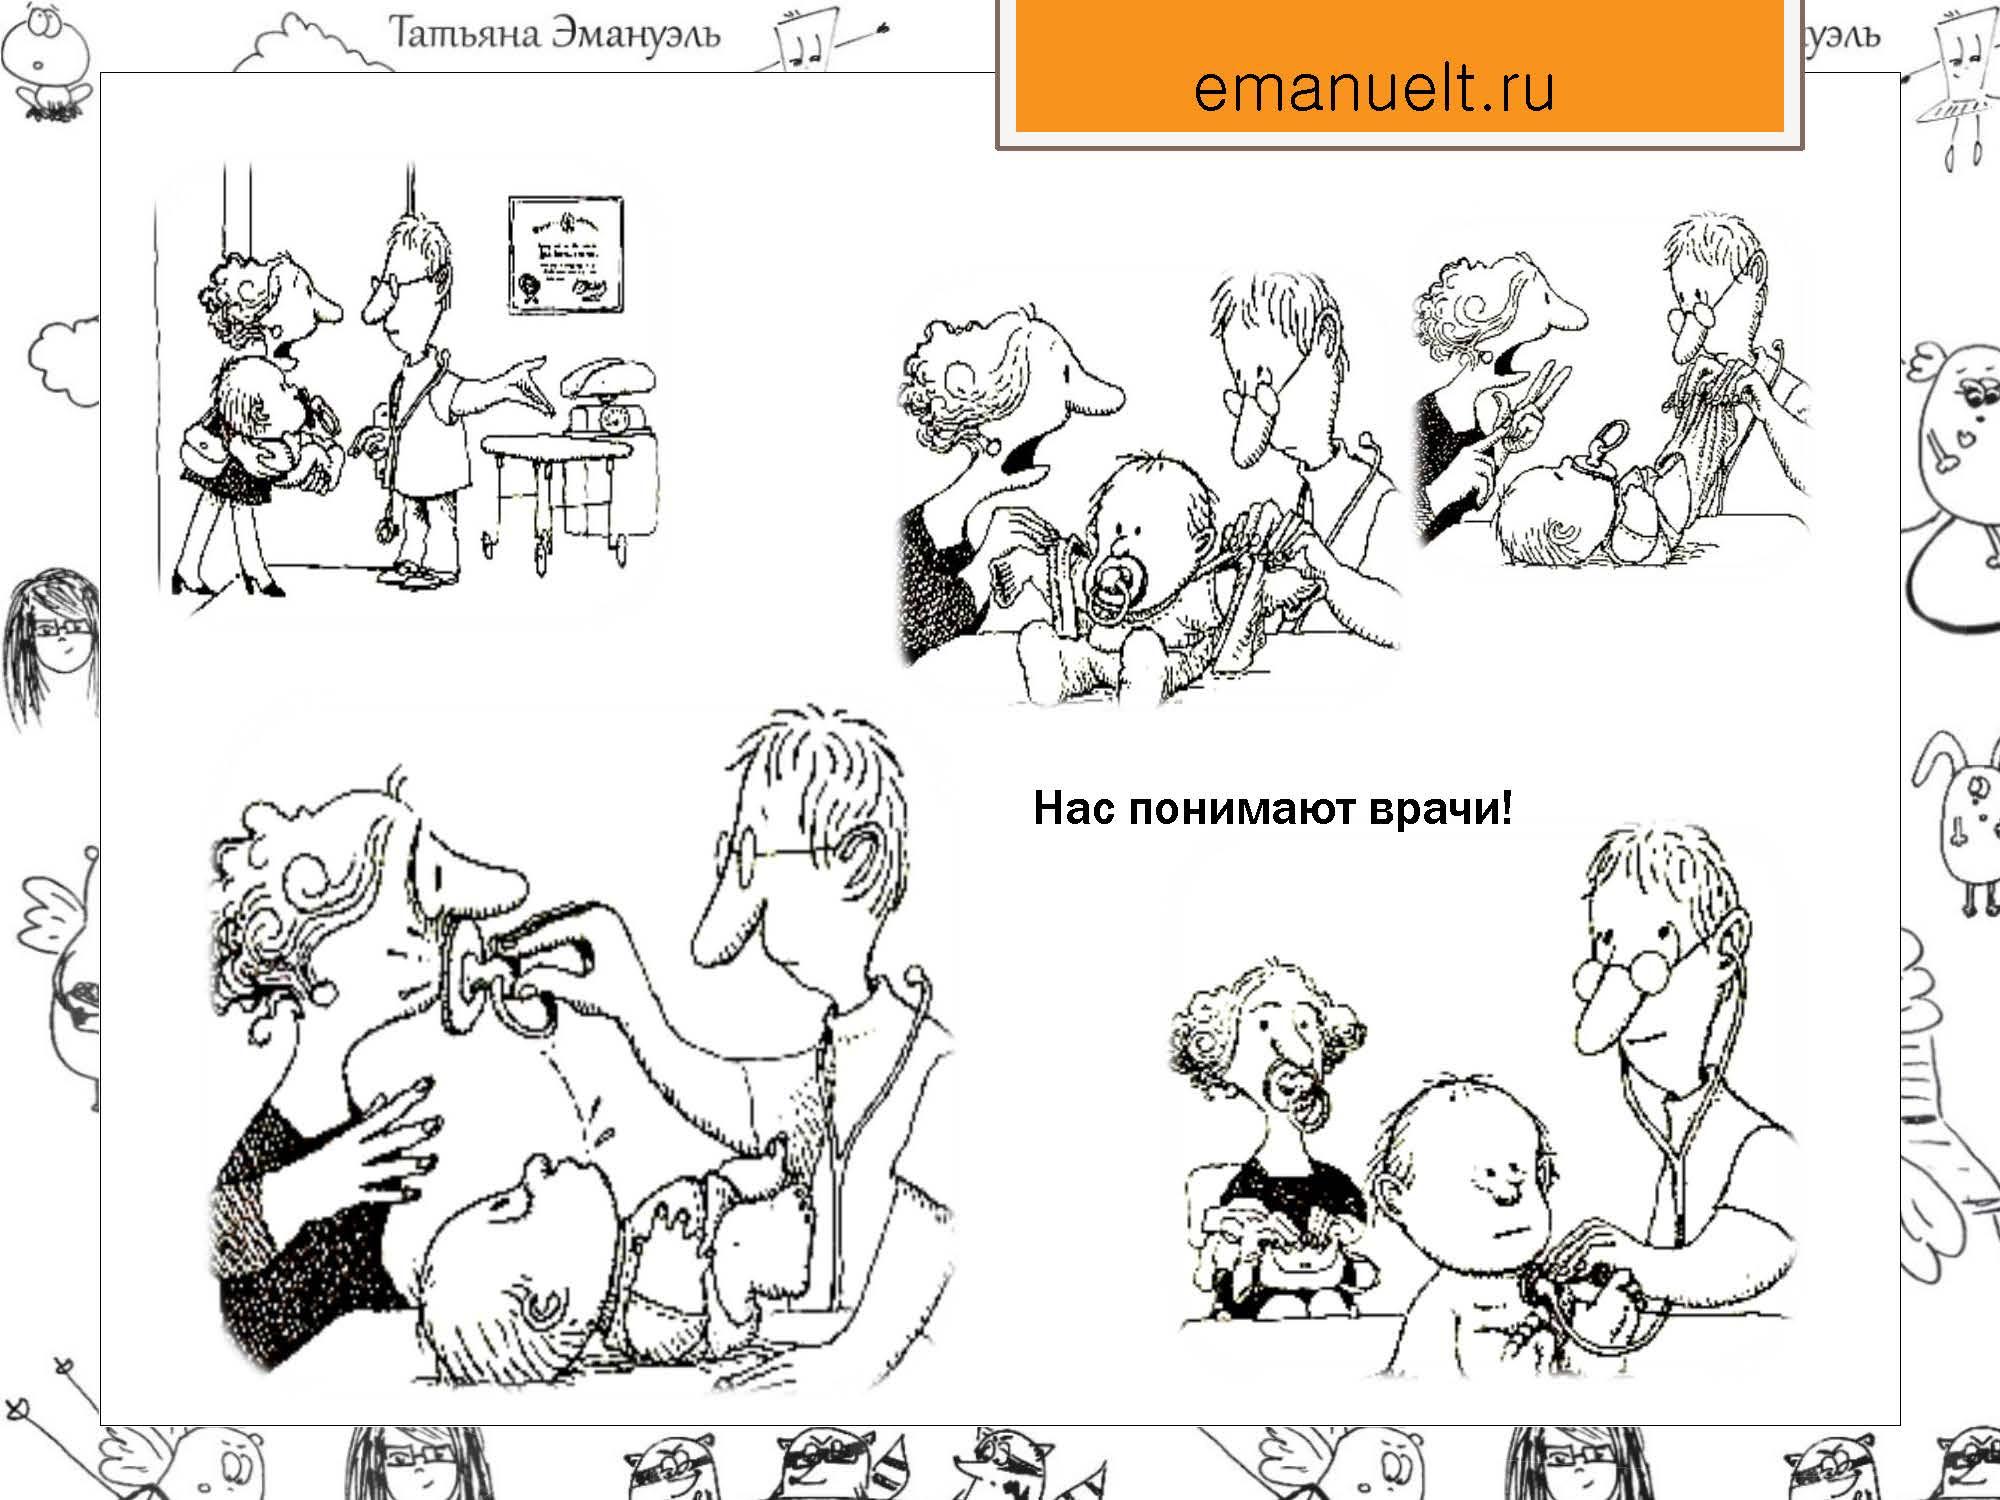 секция 8. Эмануэль Т.С., Московский район_Страница_13